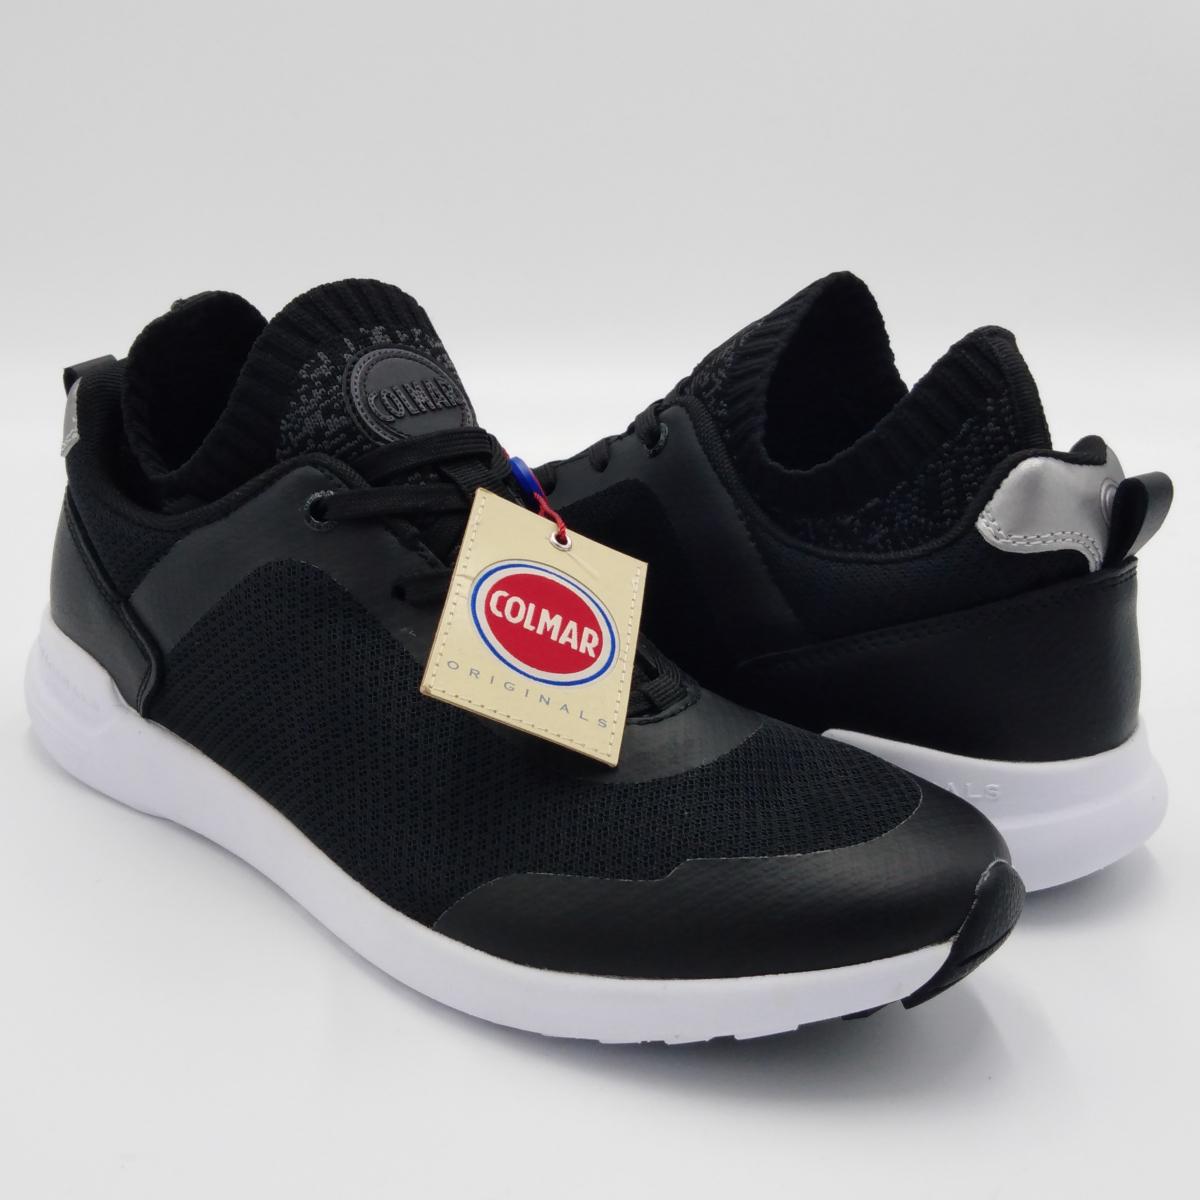 Colmar -Sneakers uomo...